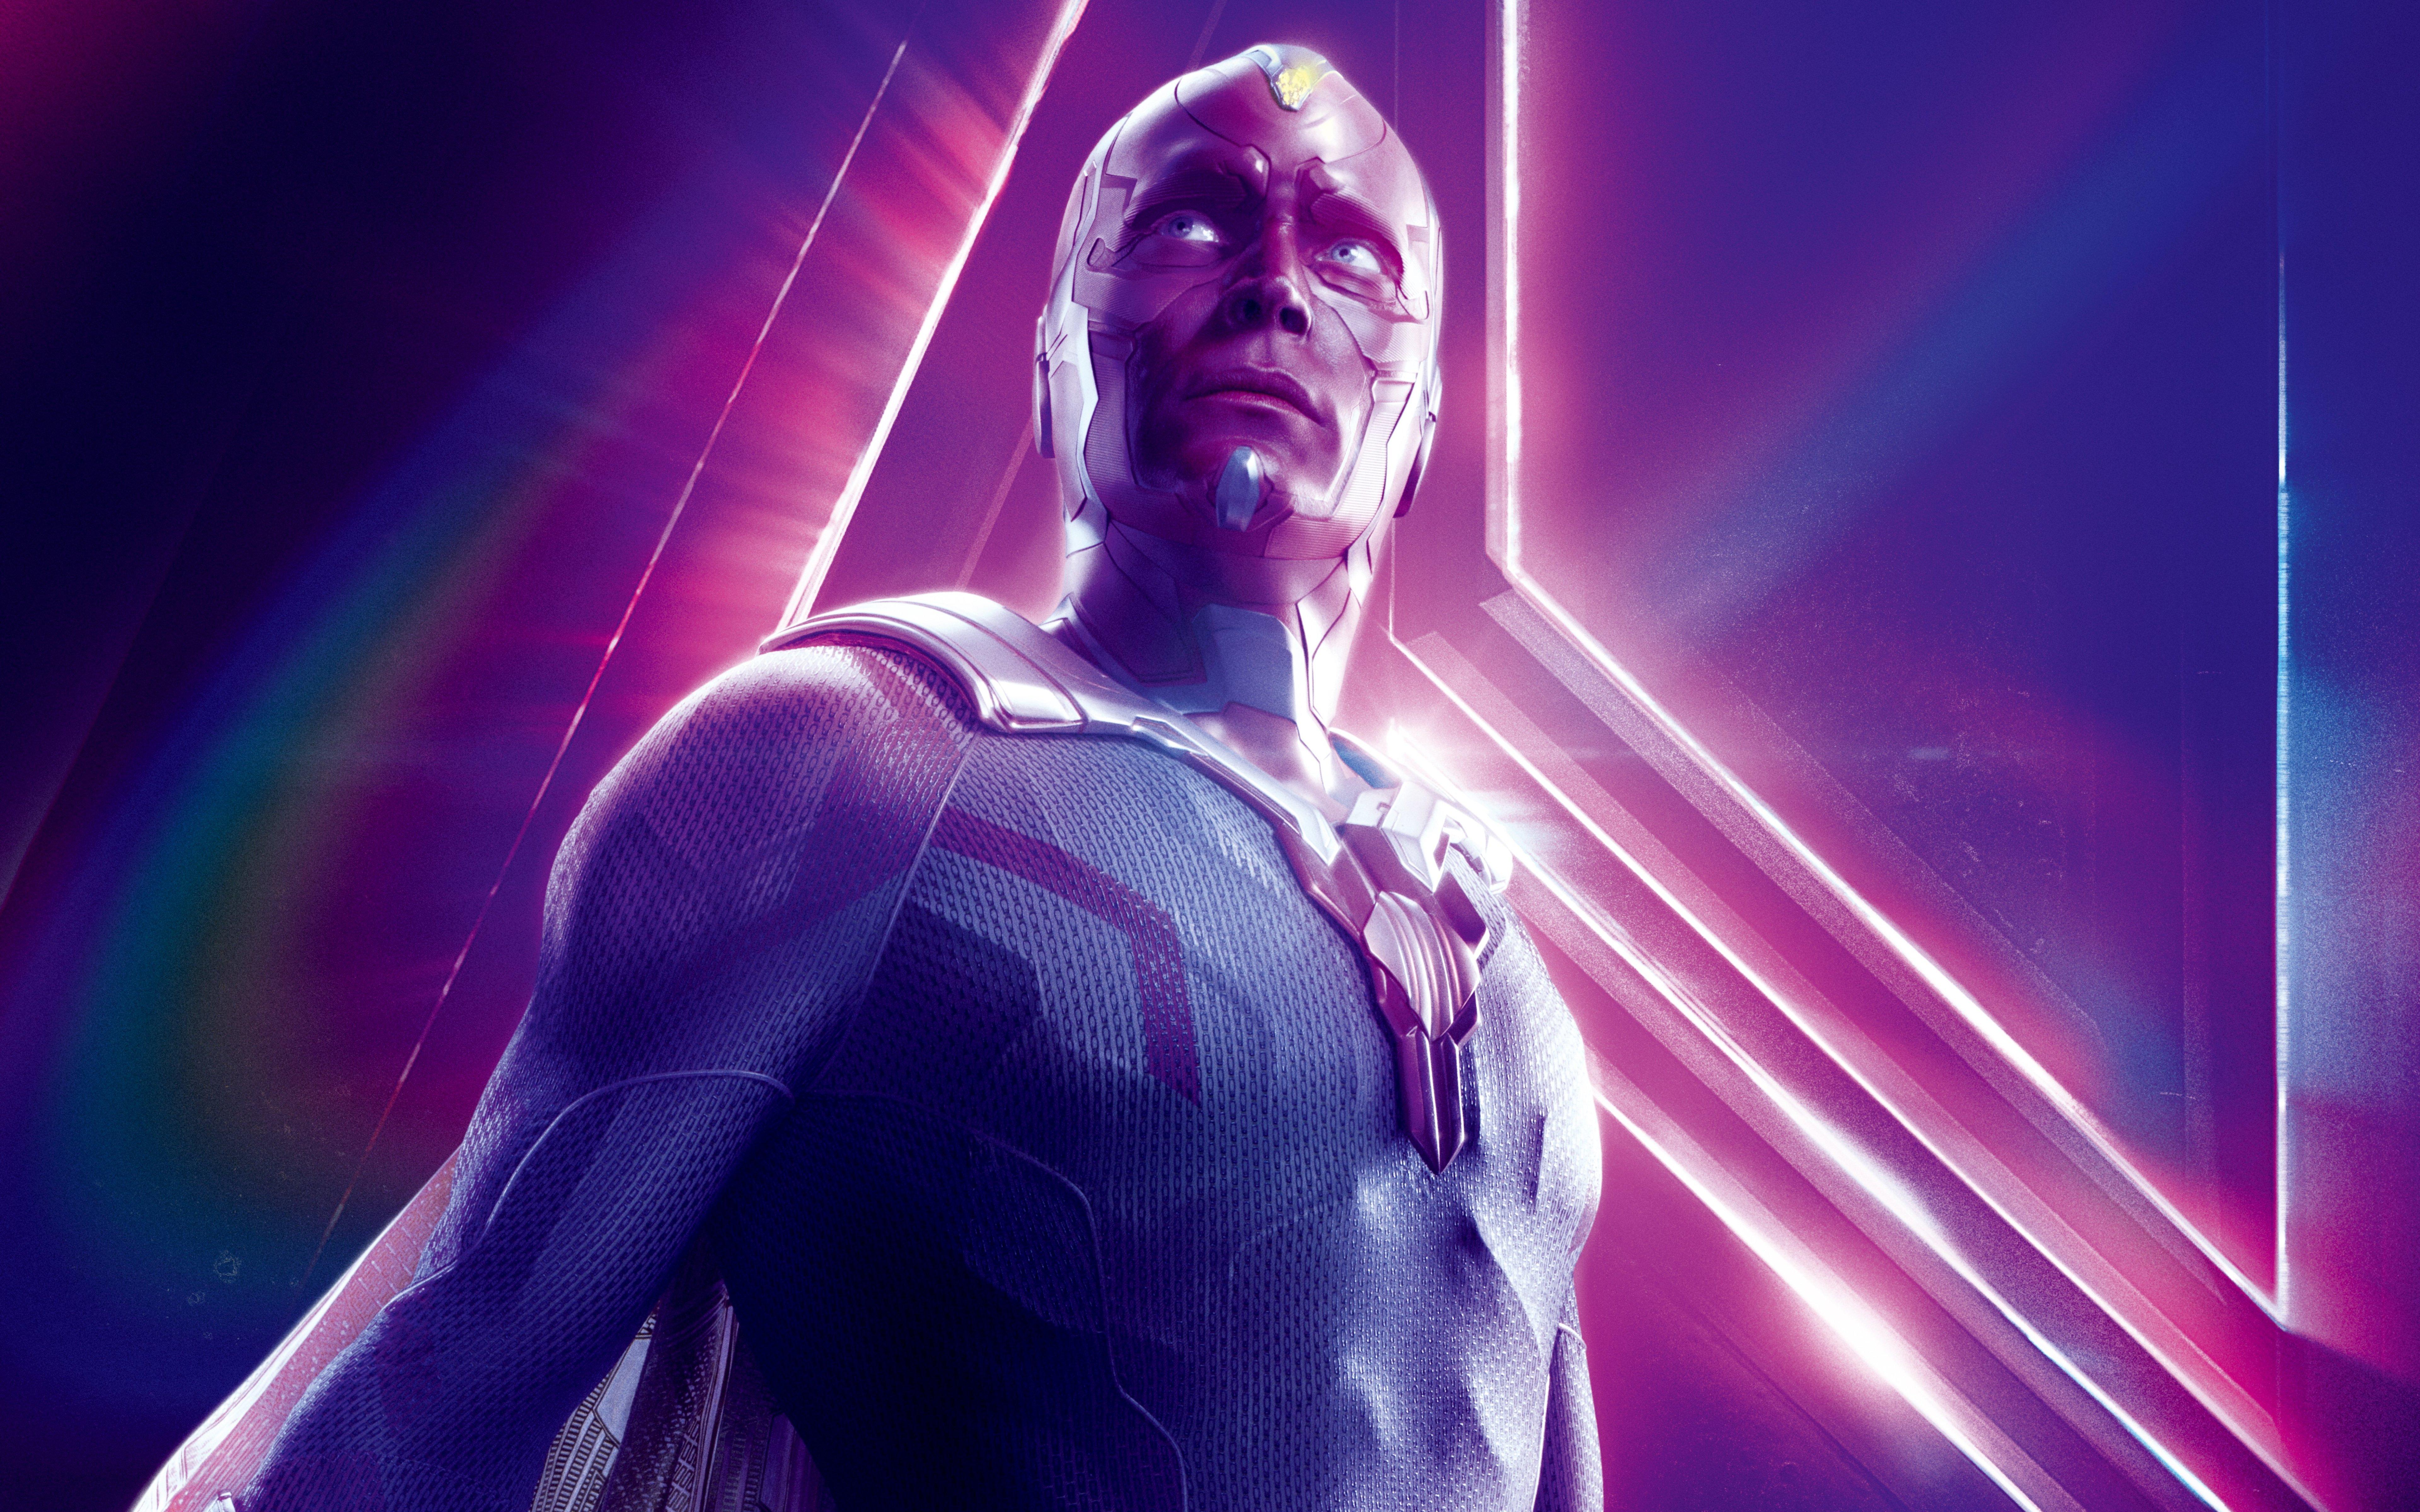 Avengers Infinity War 2018 Thanos 4k Uhd 3 2 3840x2560: Avengers: Infinity War (2018) Vision 8K Ultra HD Wallpaper